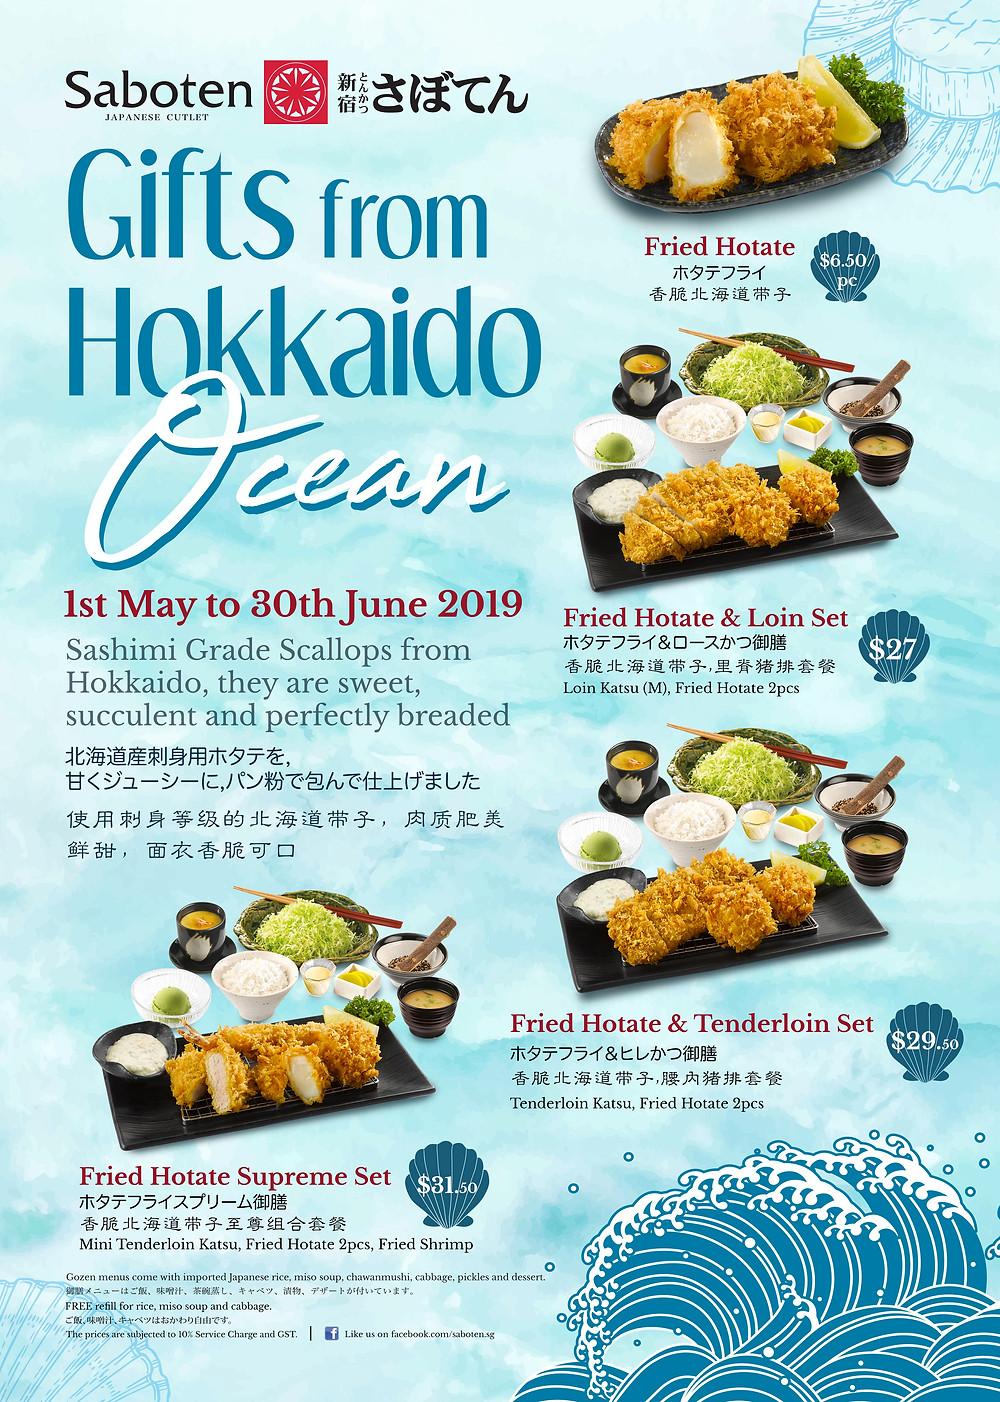 Saboten 100AM Hokkaido Hotate Fiesta